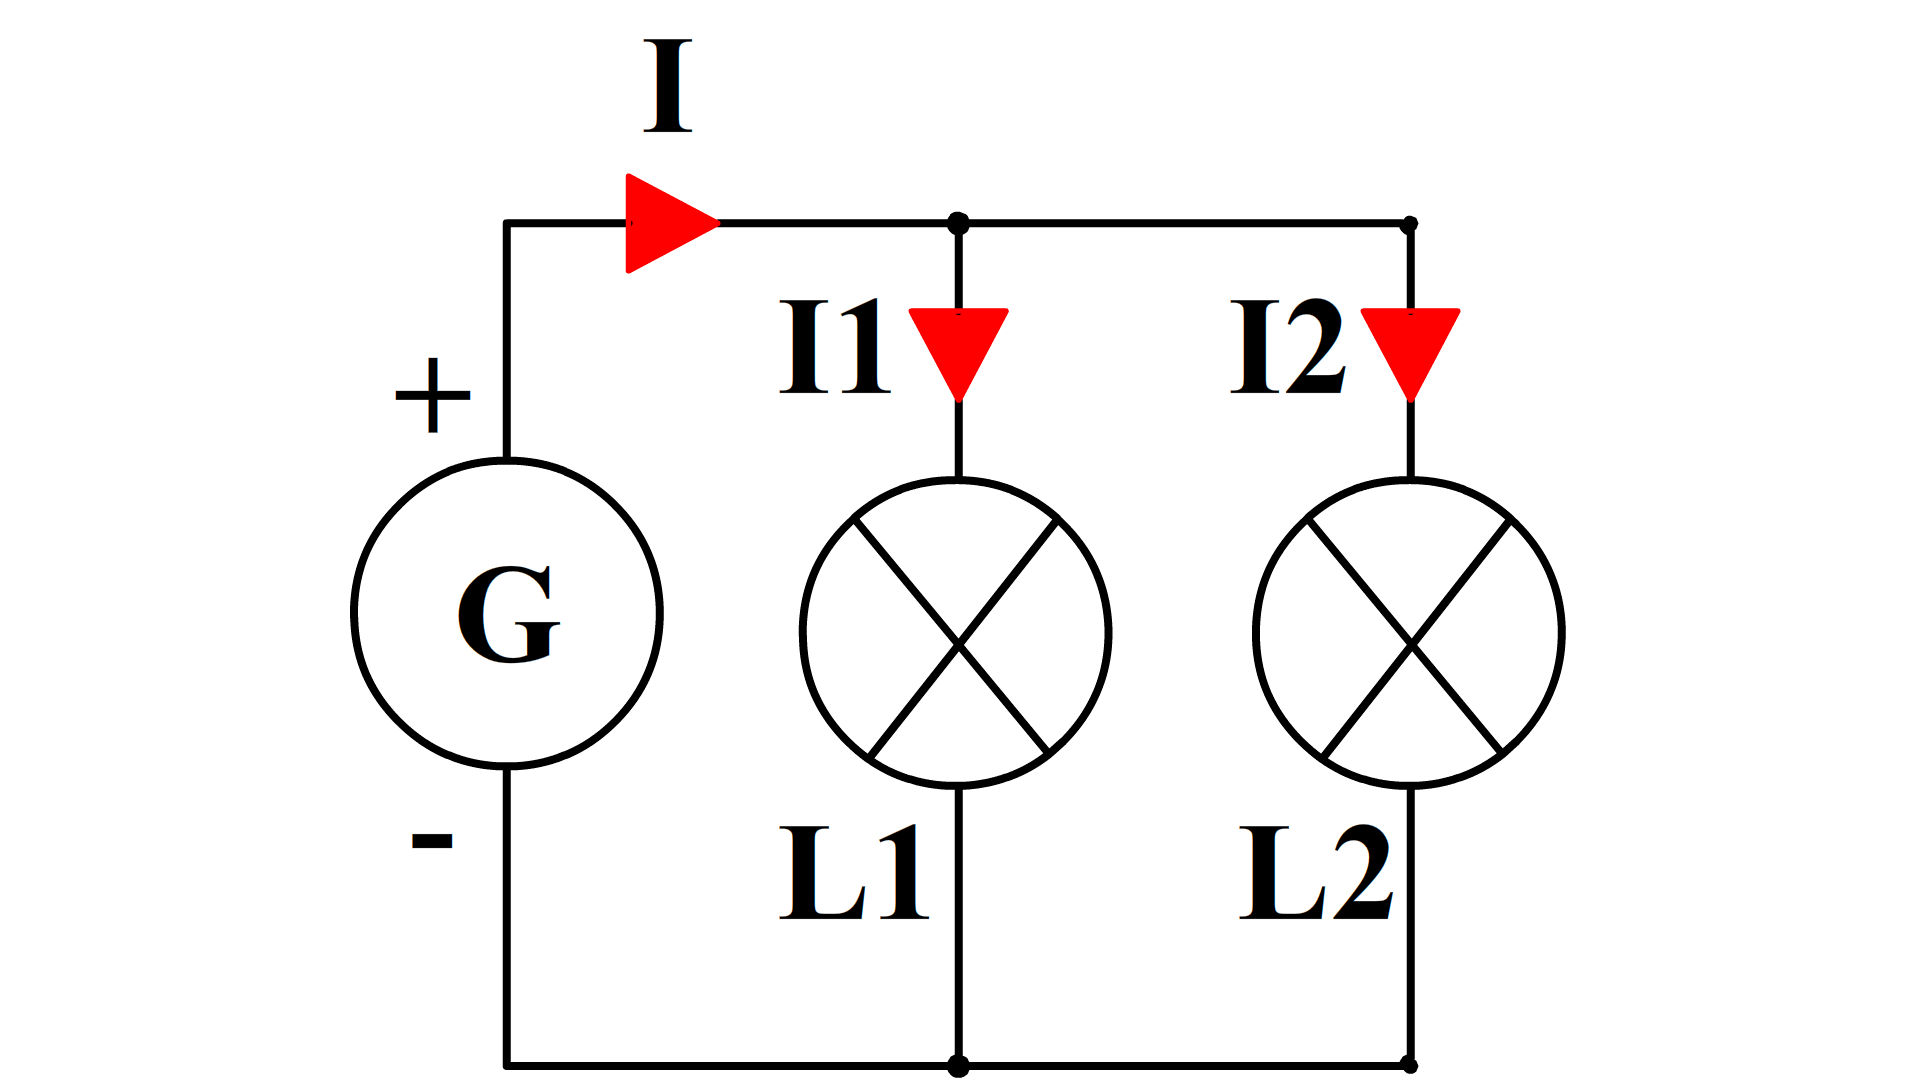 Intensité électrique schéma